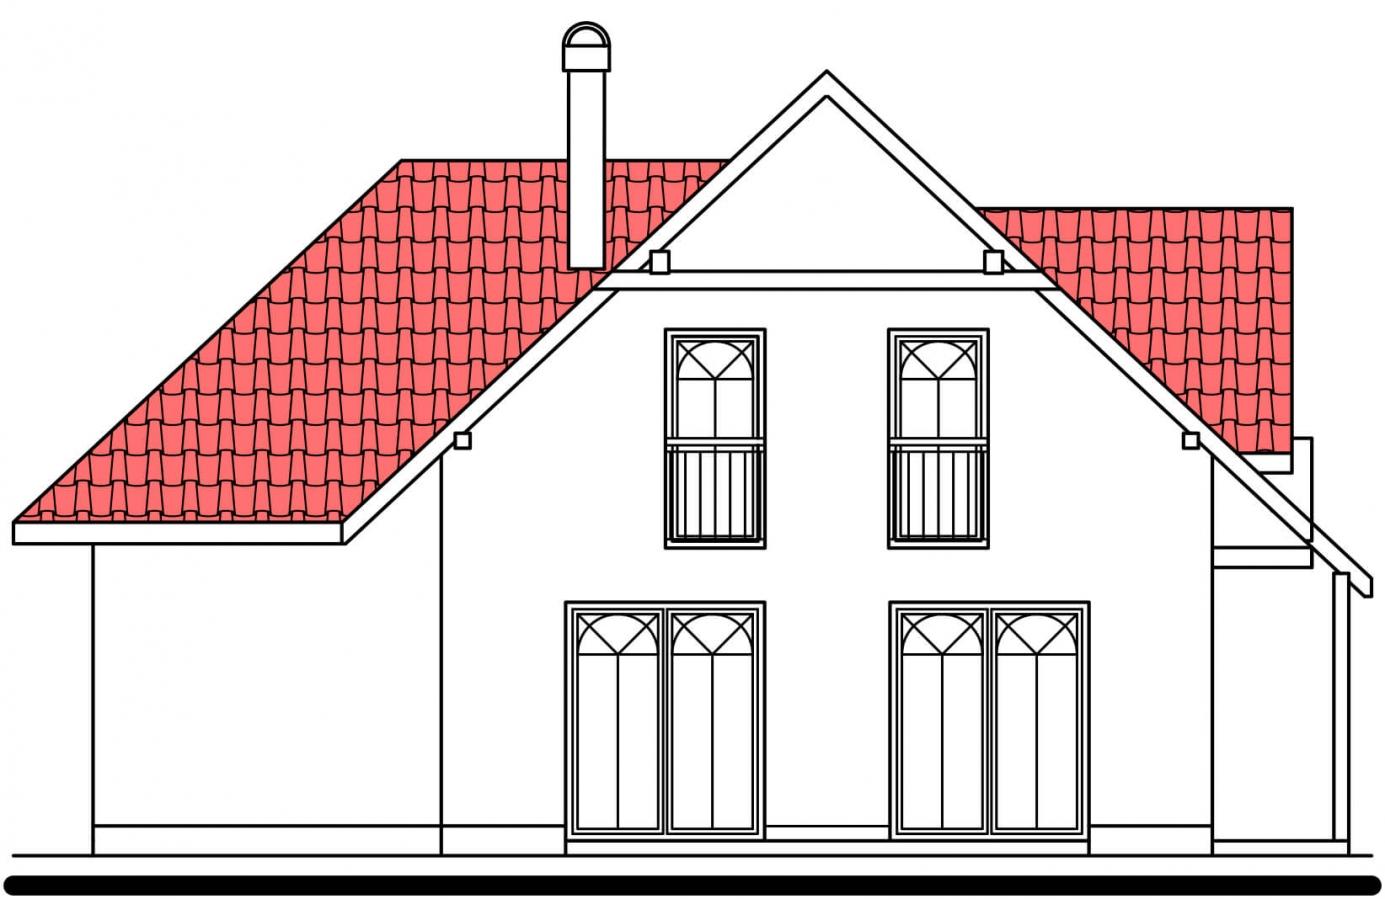 Pohľad 2. - Projekt domu na úzky pozemok. Možné postaviť aj bez garáže.